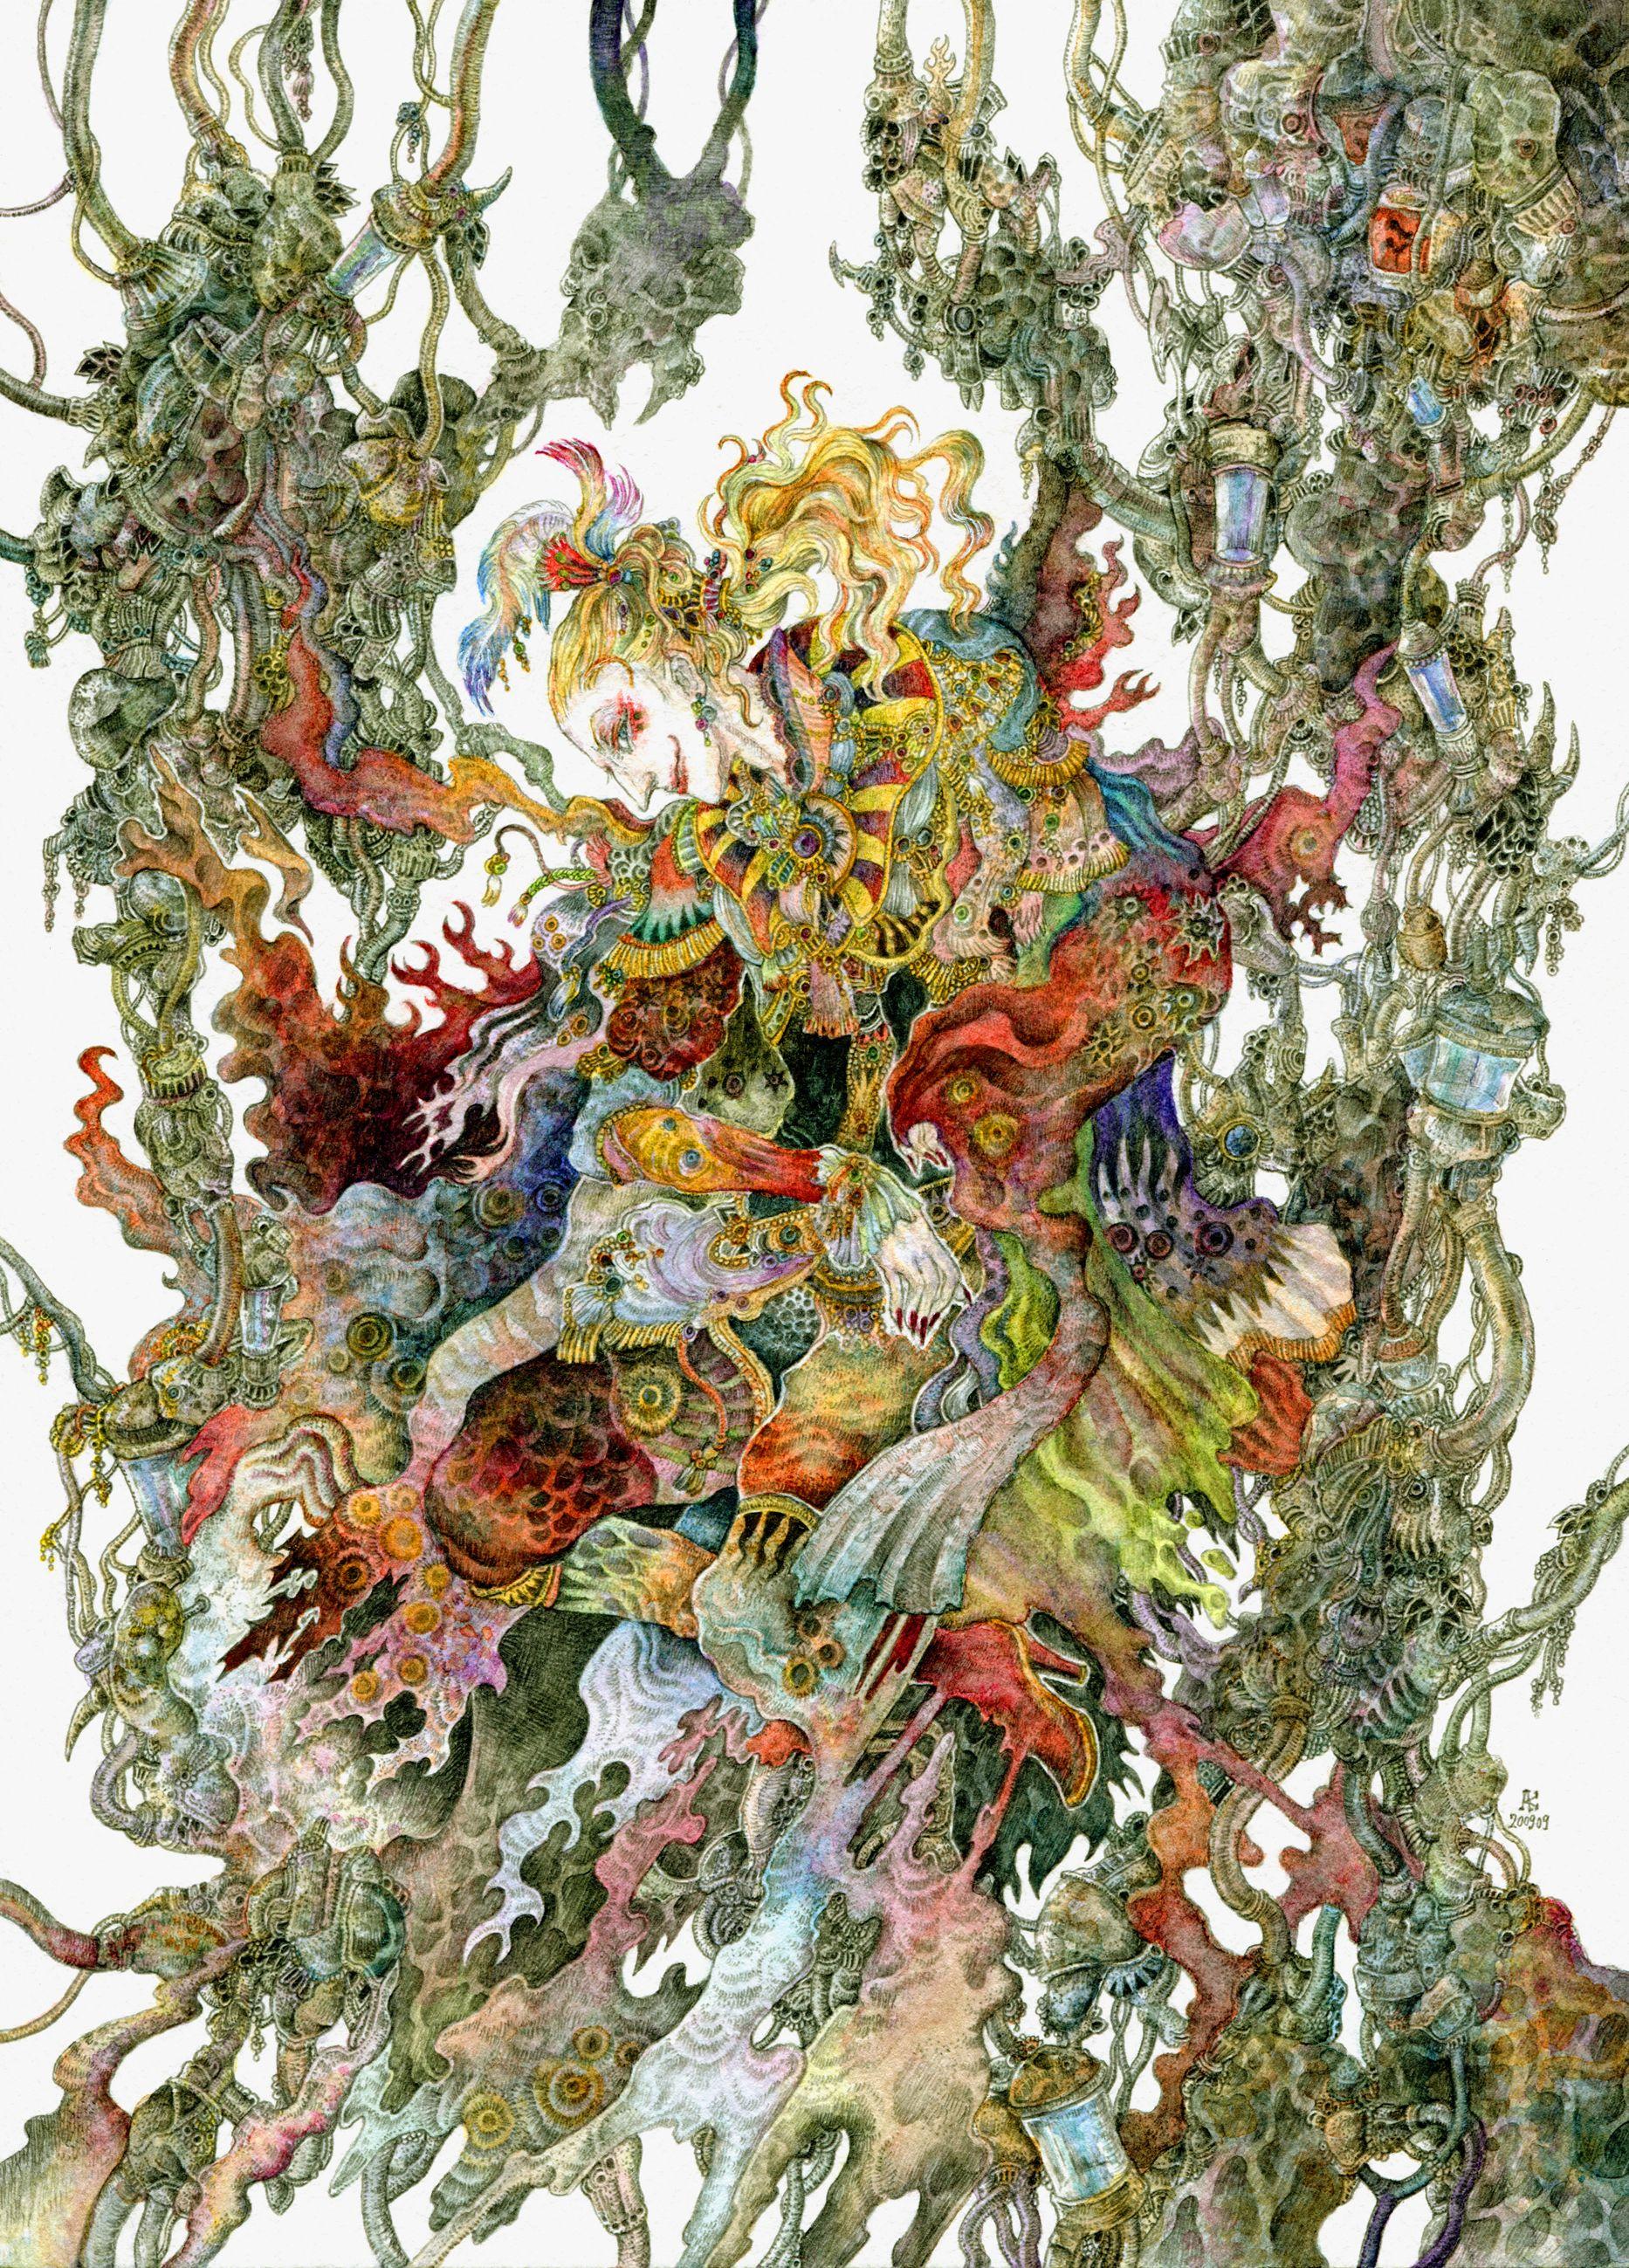 Kefka Pallazzo Final Fantasy Art Final Fantasy Artwork Pop Illustration